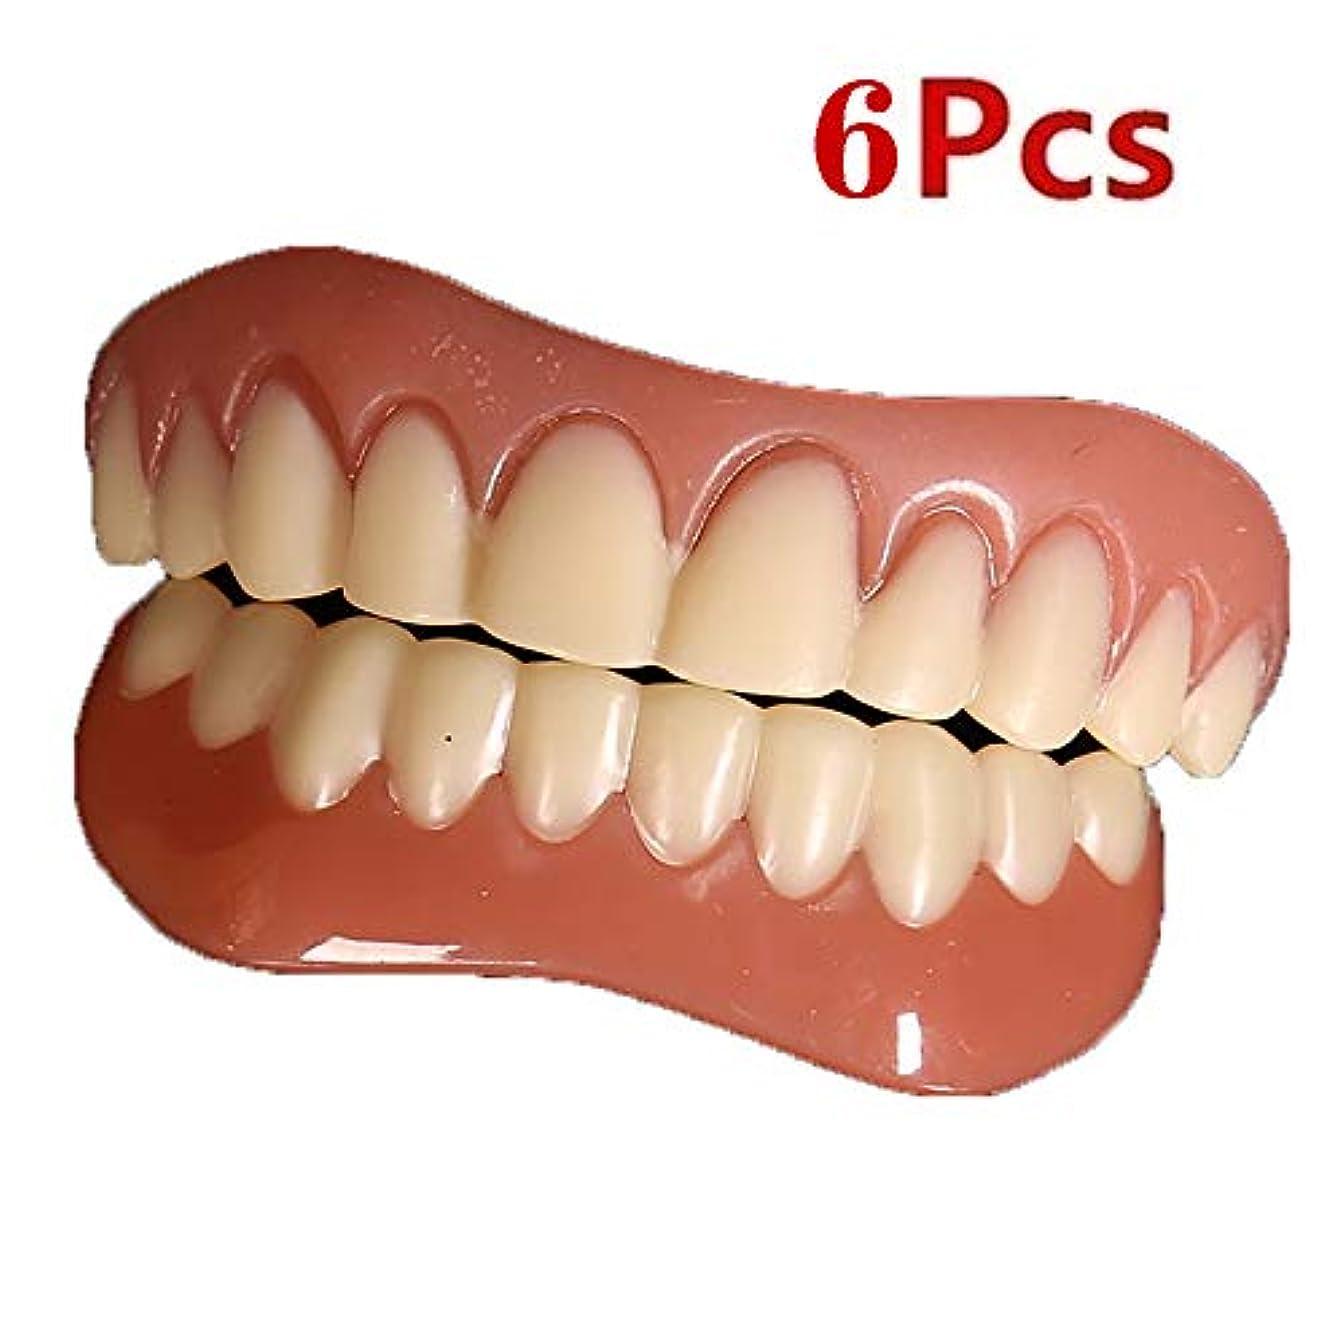 残る聞きます識字6本の歯科用ベニヤの快適さフィット歯のトップ化粧品のベニヤワンサイズはすべての義歯の接着剤の歯偽義歯の歯にフィット